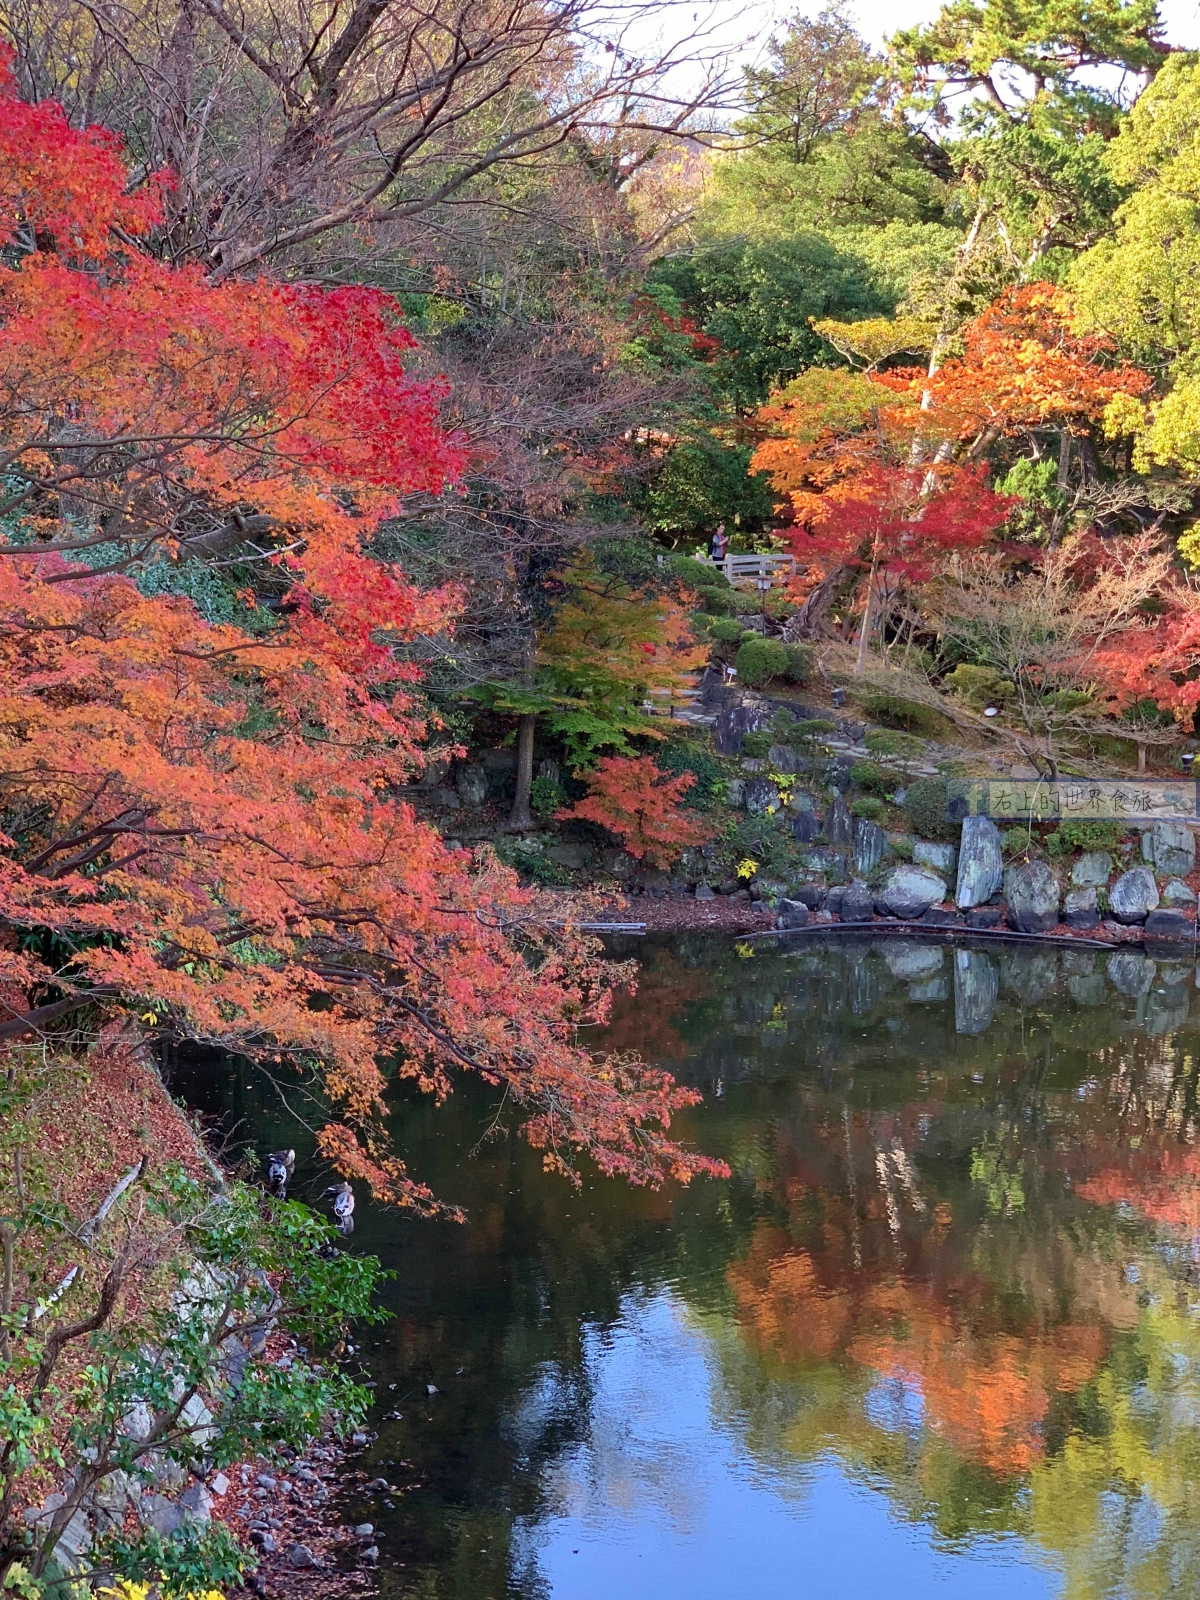 和歌山旅遊|和歌山城:日本百大名城.西之丸庭園的楓葉超級美! @右上的世界食旅